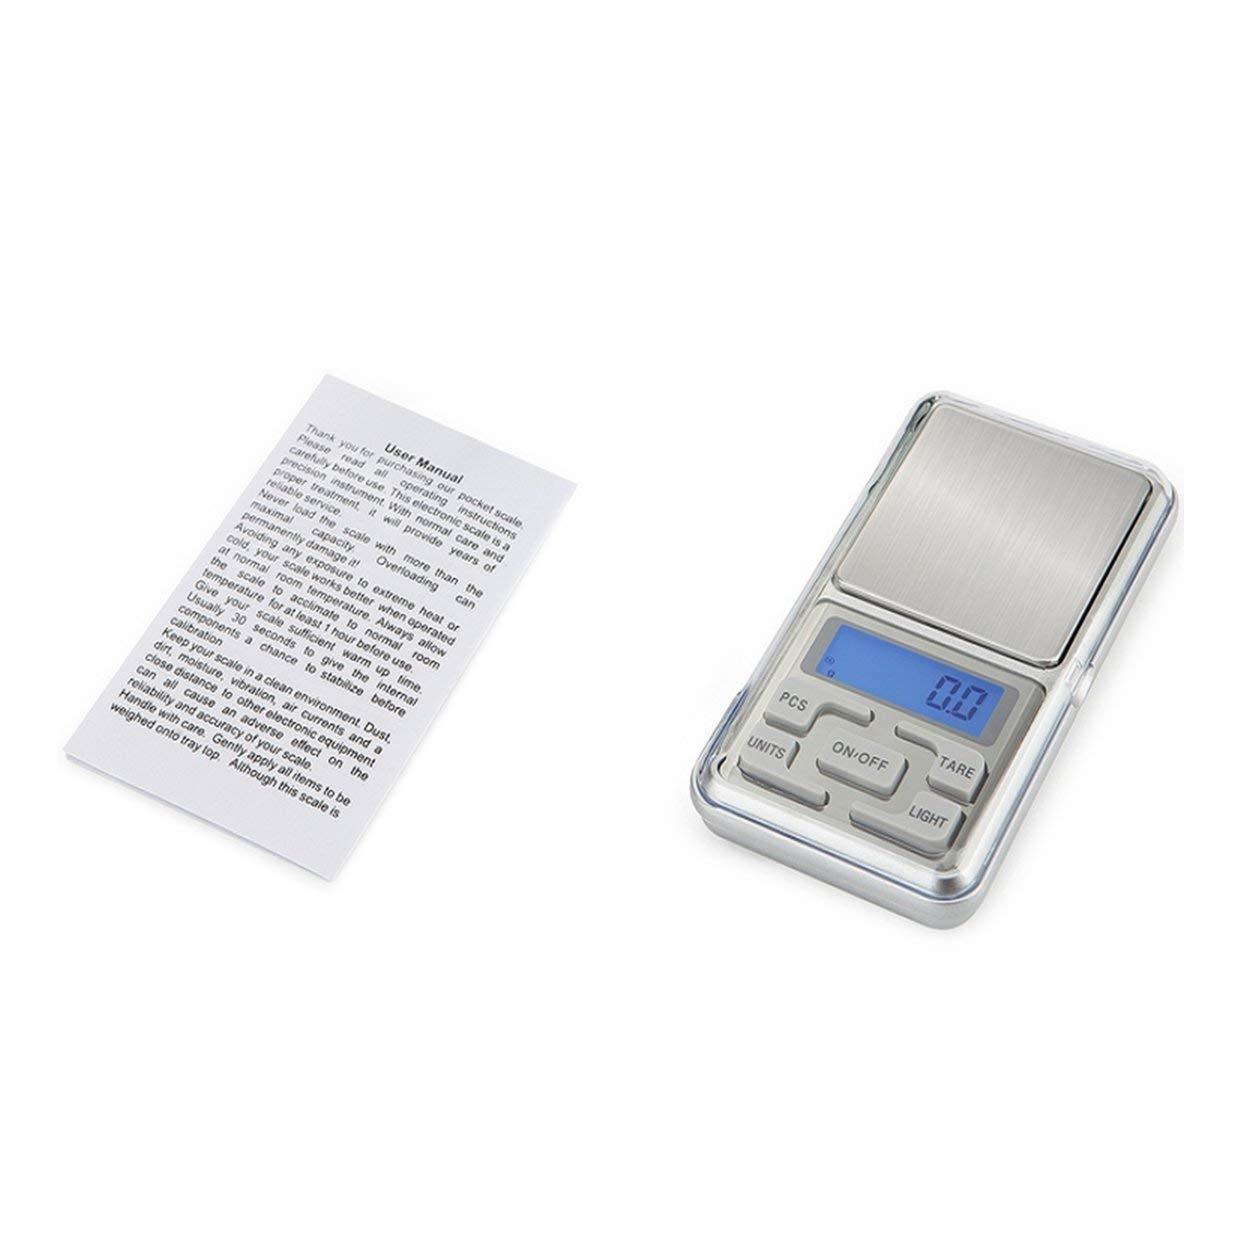 Lorenlli Fit HT-668B 500g x 0.01g Mini balance numérique de précision pour les bijoux en or en argent Sterling Balance Balance Gram Balances électroniques